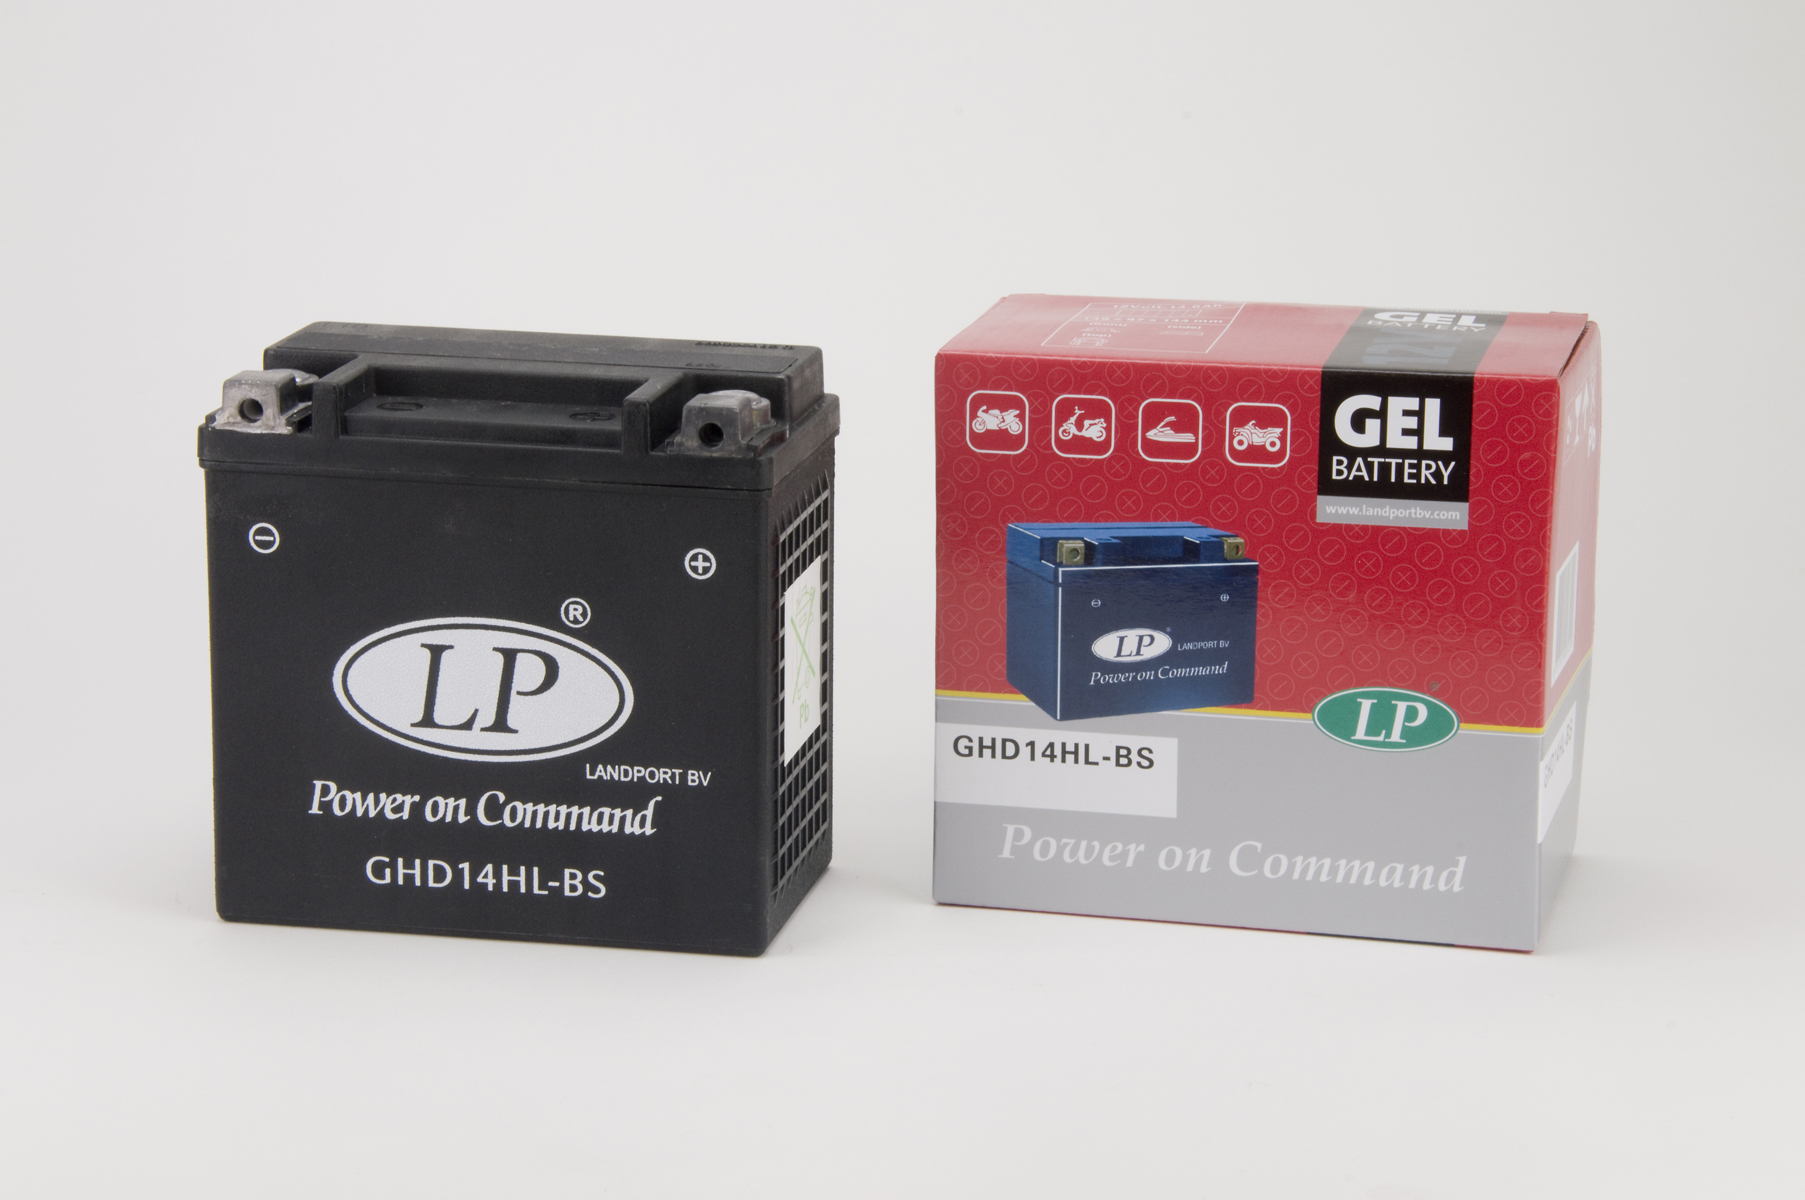 GHD14HL-BS motor accu Gel